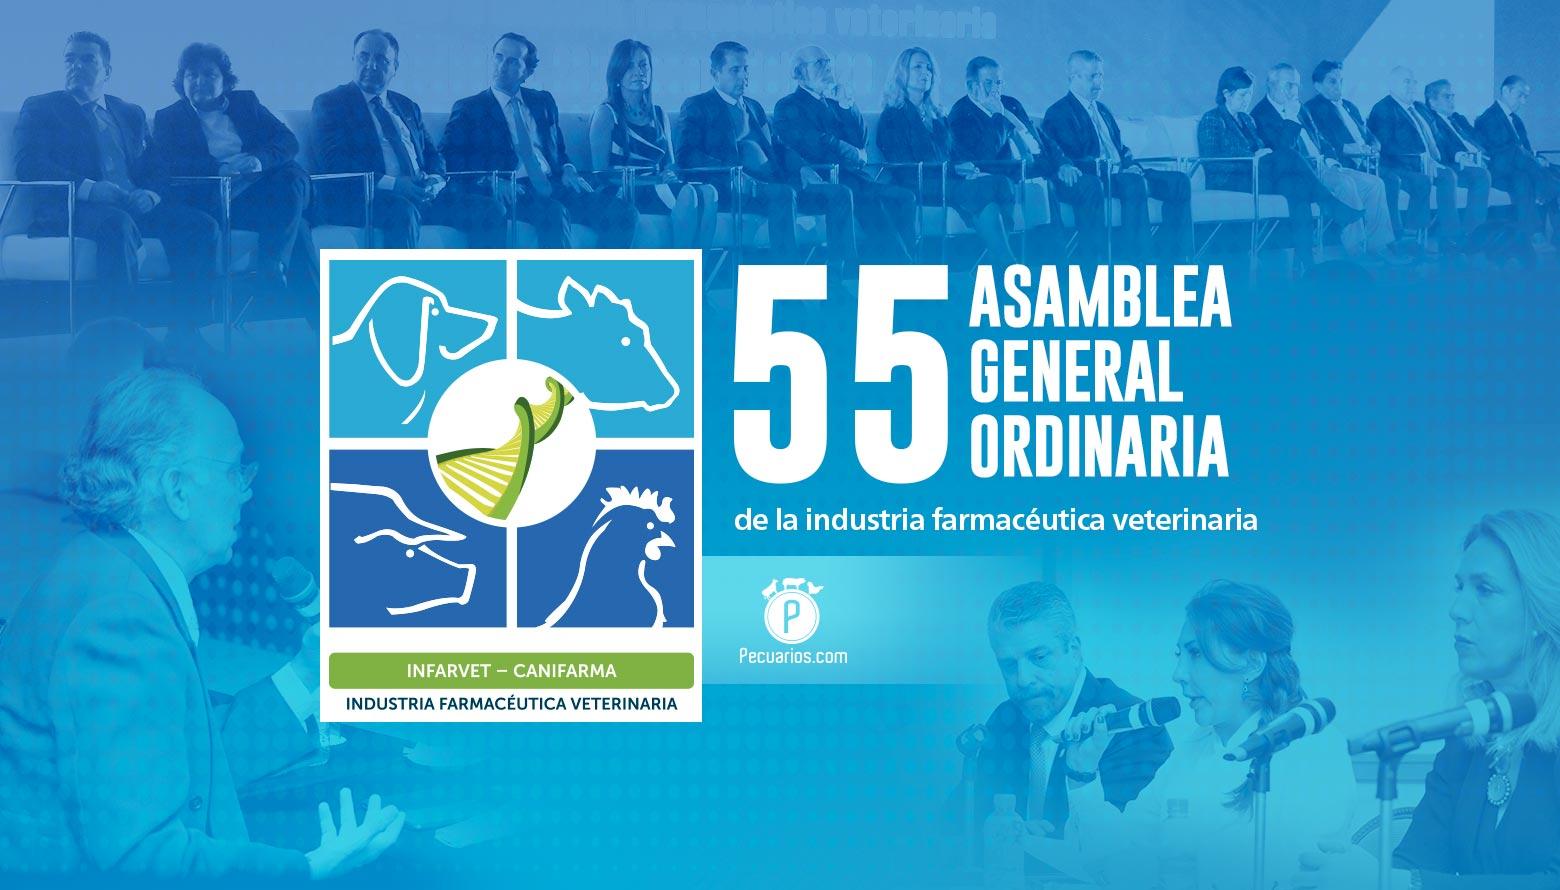 LV Asamblea General Ordinaria de la INFARVET, un encuentro de propuestas, resultados y sinergia